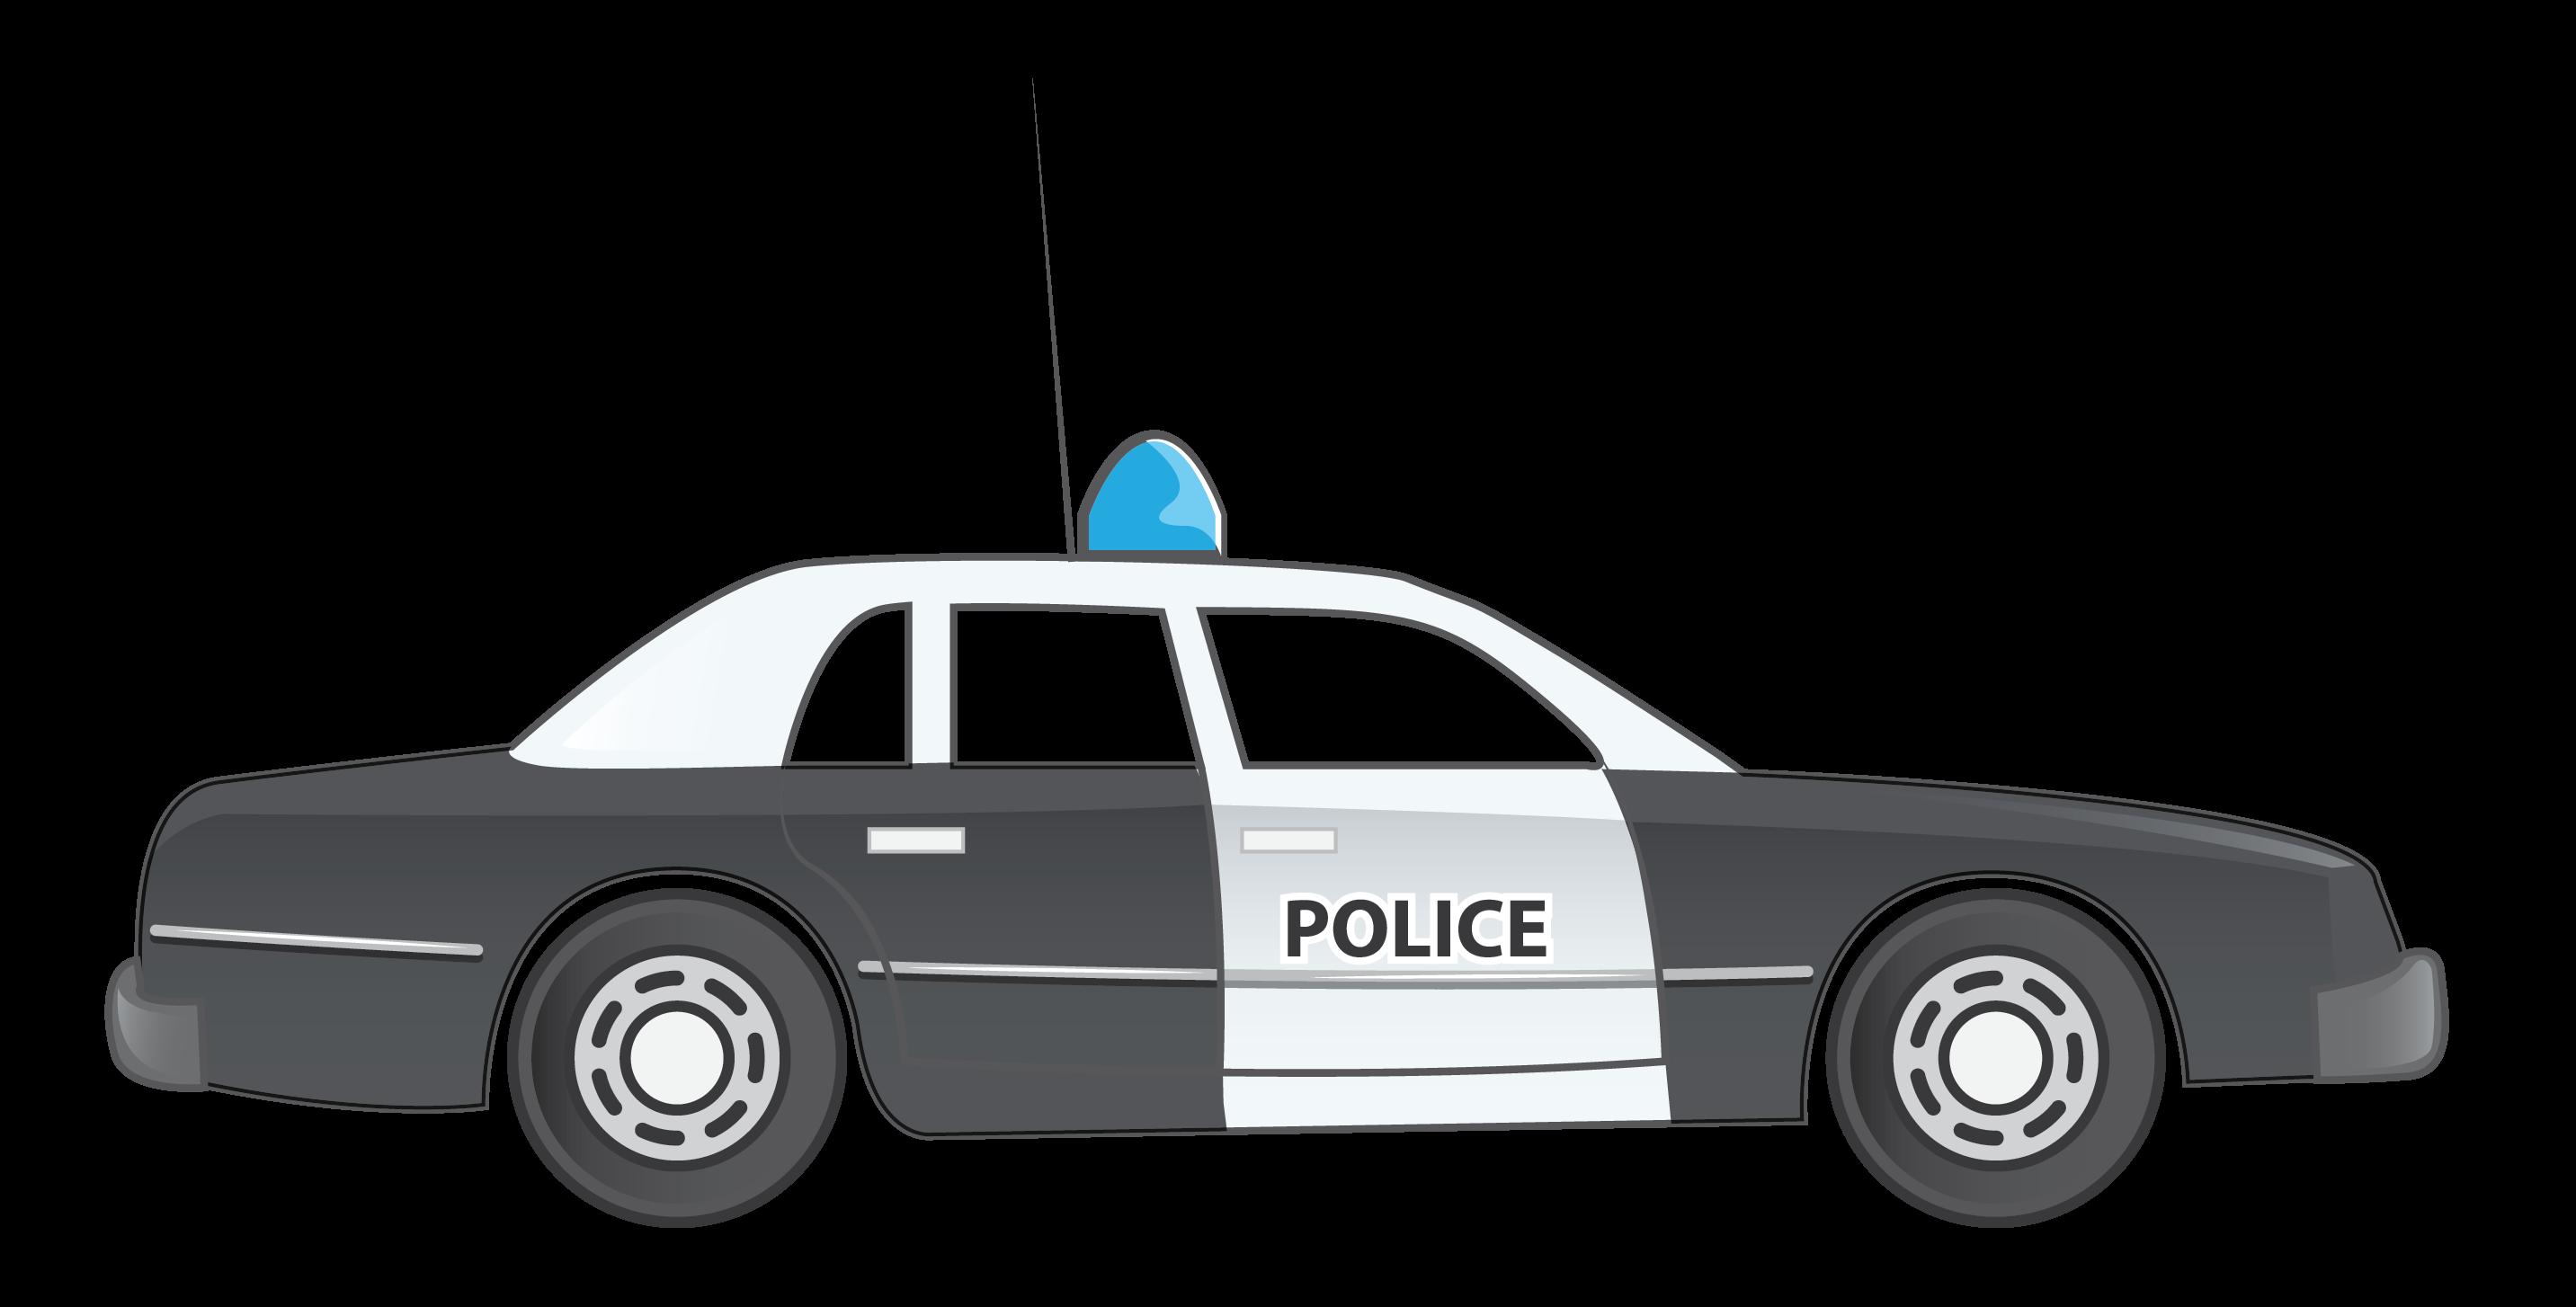 Police Car Clipart.